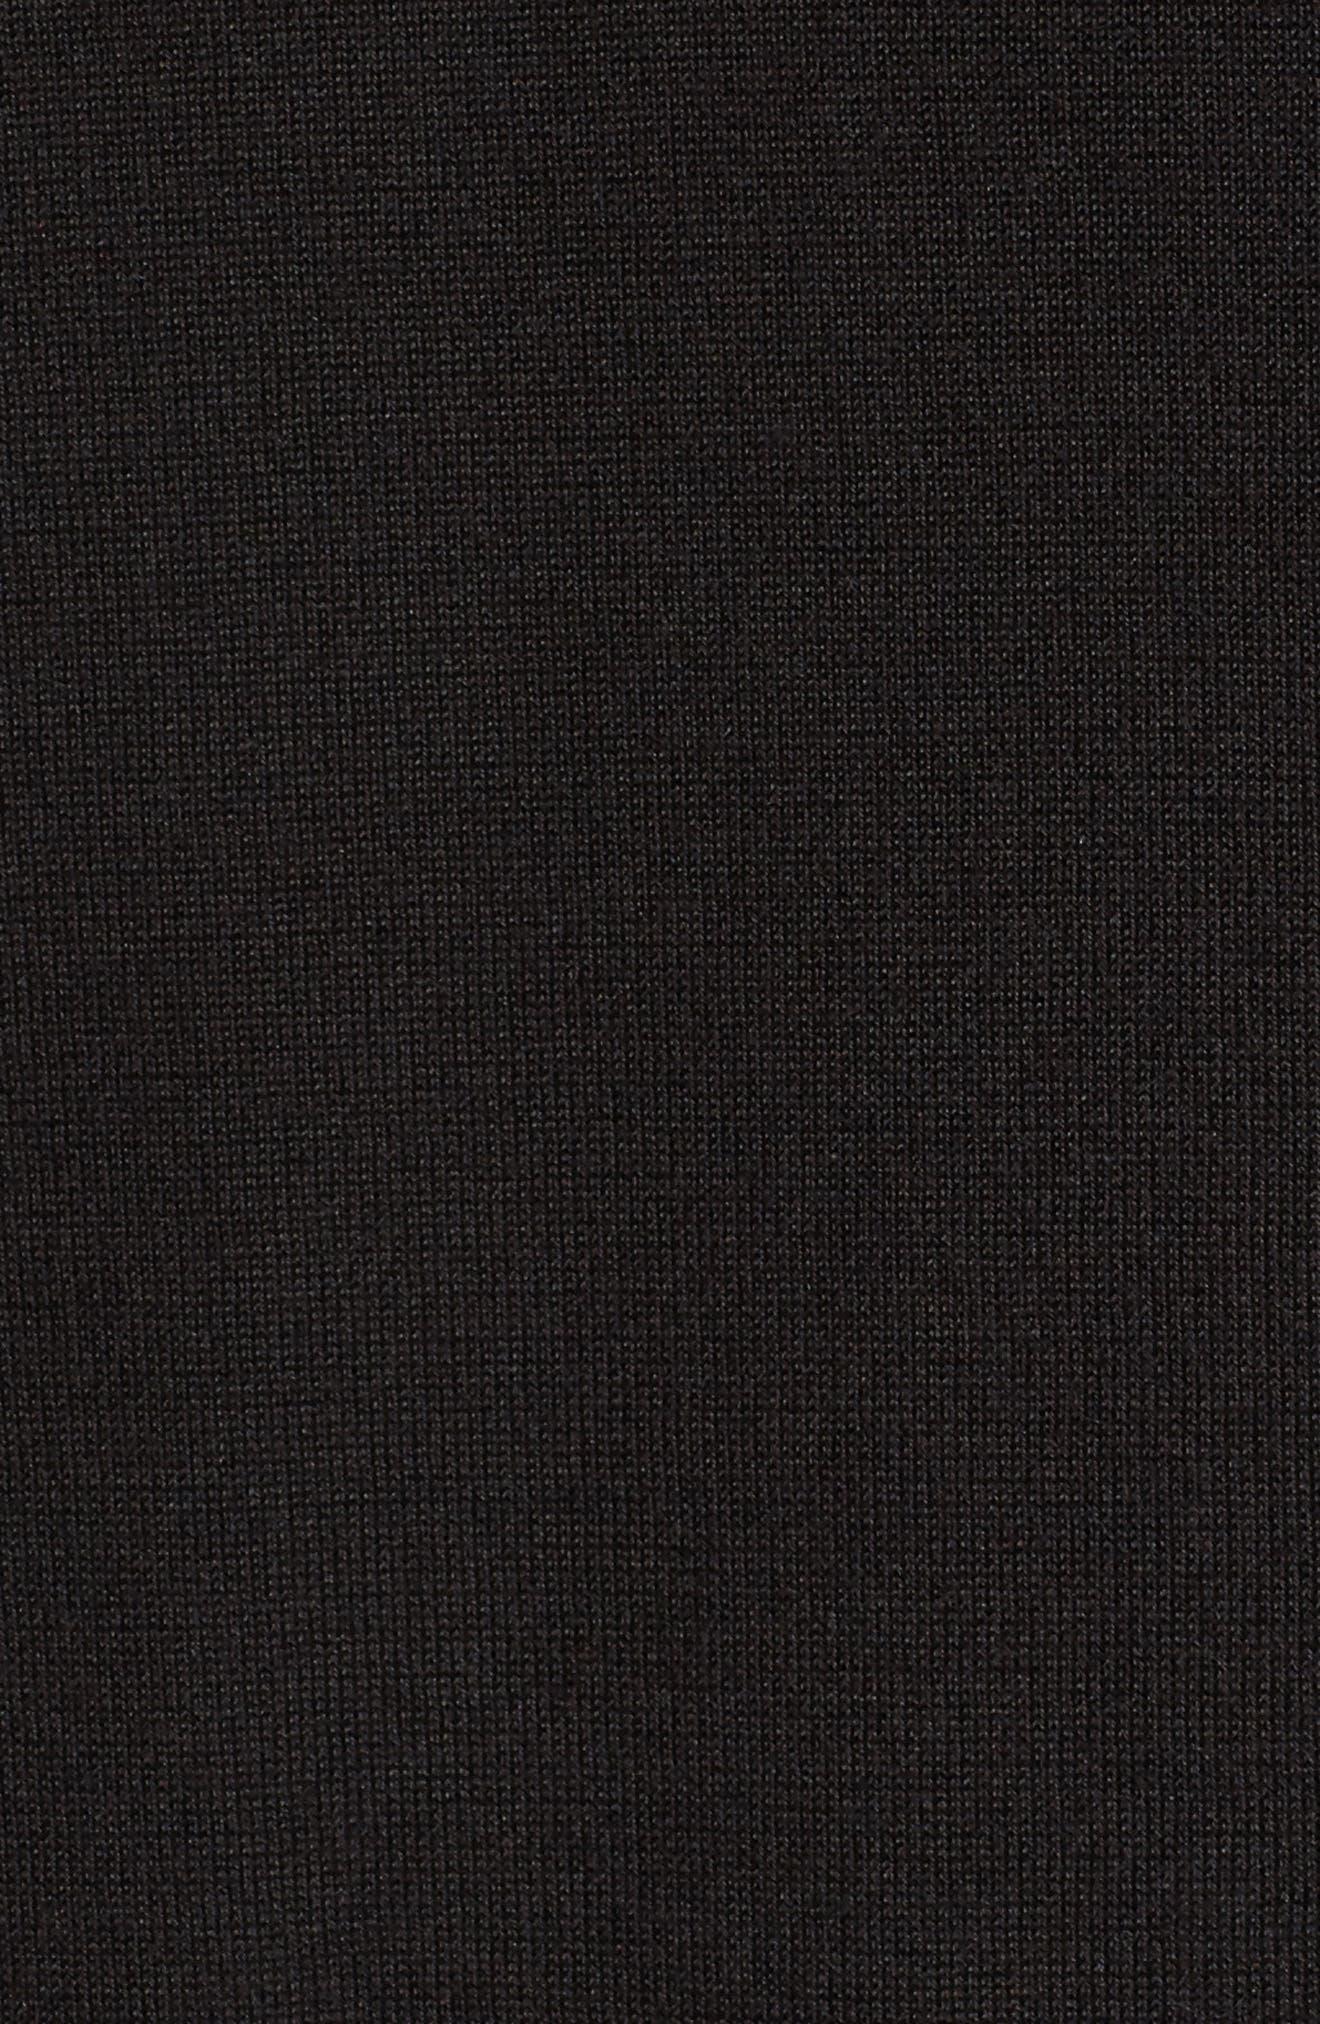 Lace Inset Cashmere Blend Cardigan,                             Alternate thumbnail 2, color,                             001